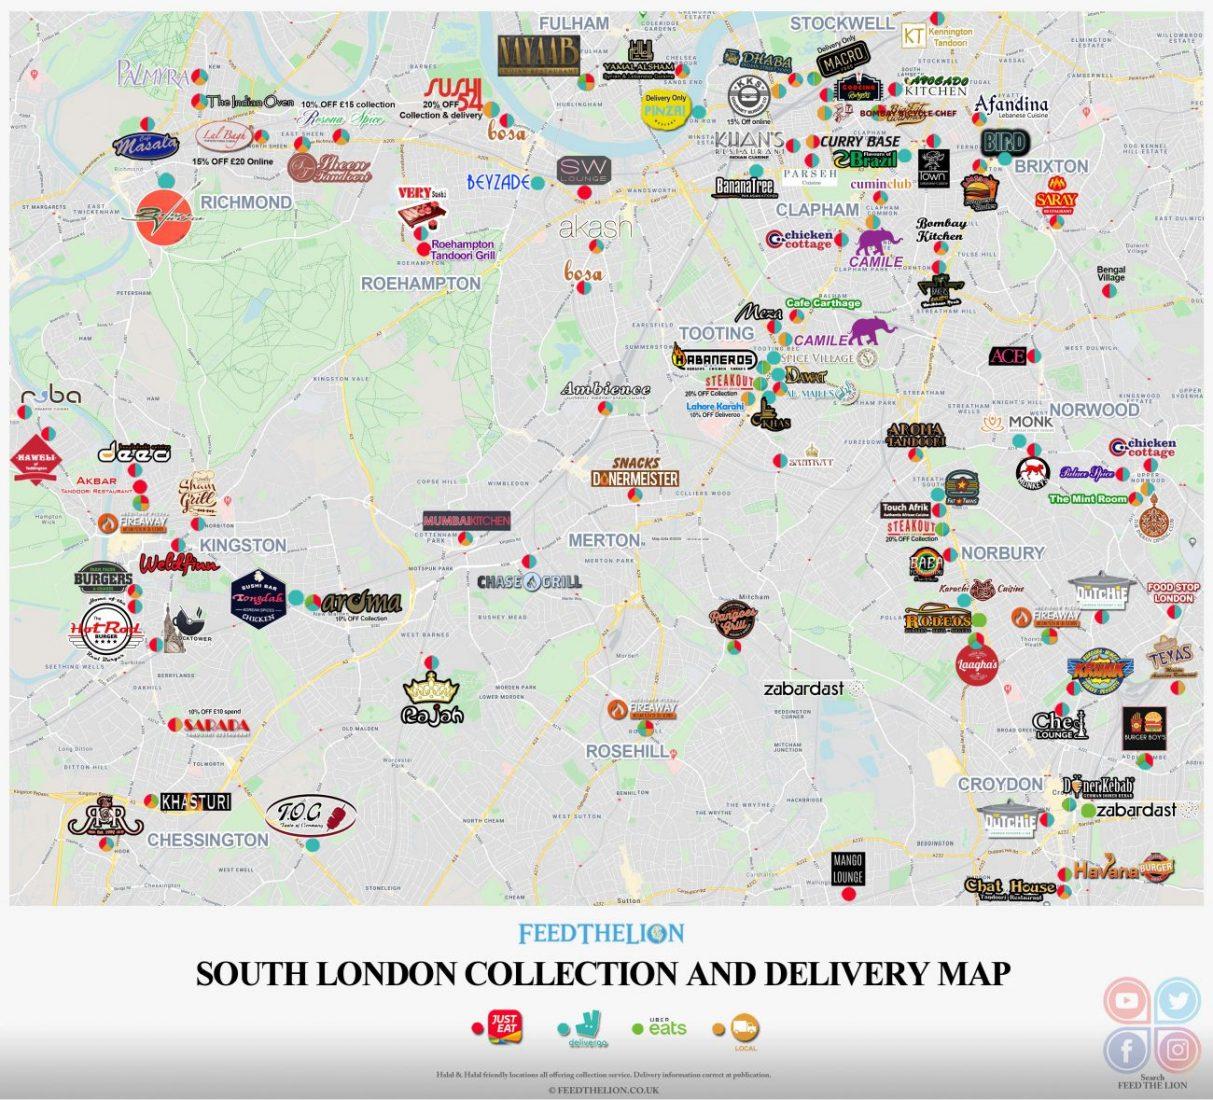 South London Halal London Delivery Takeaway Map